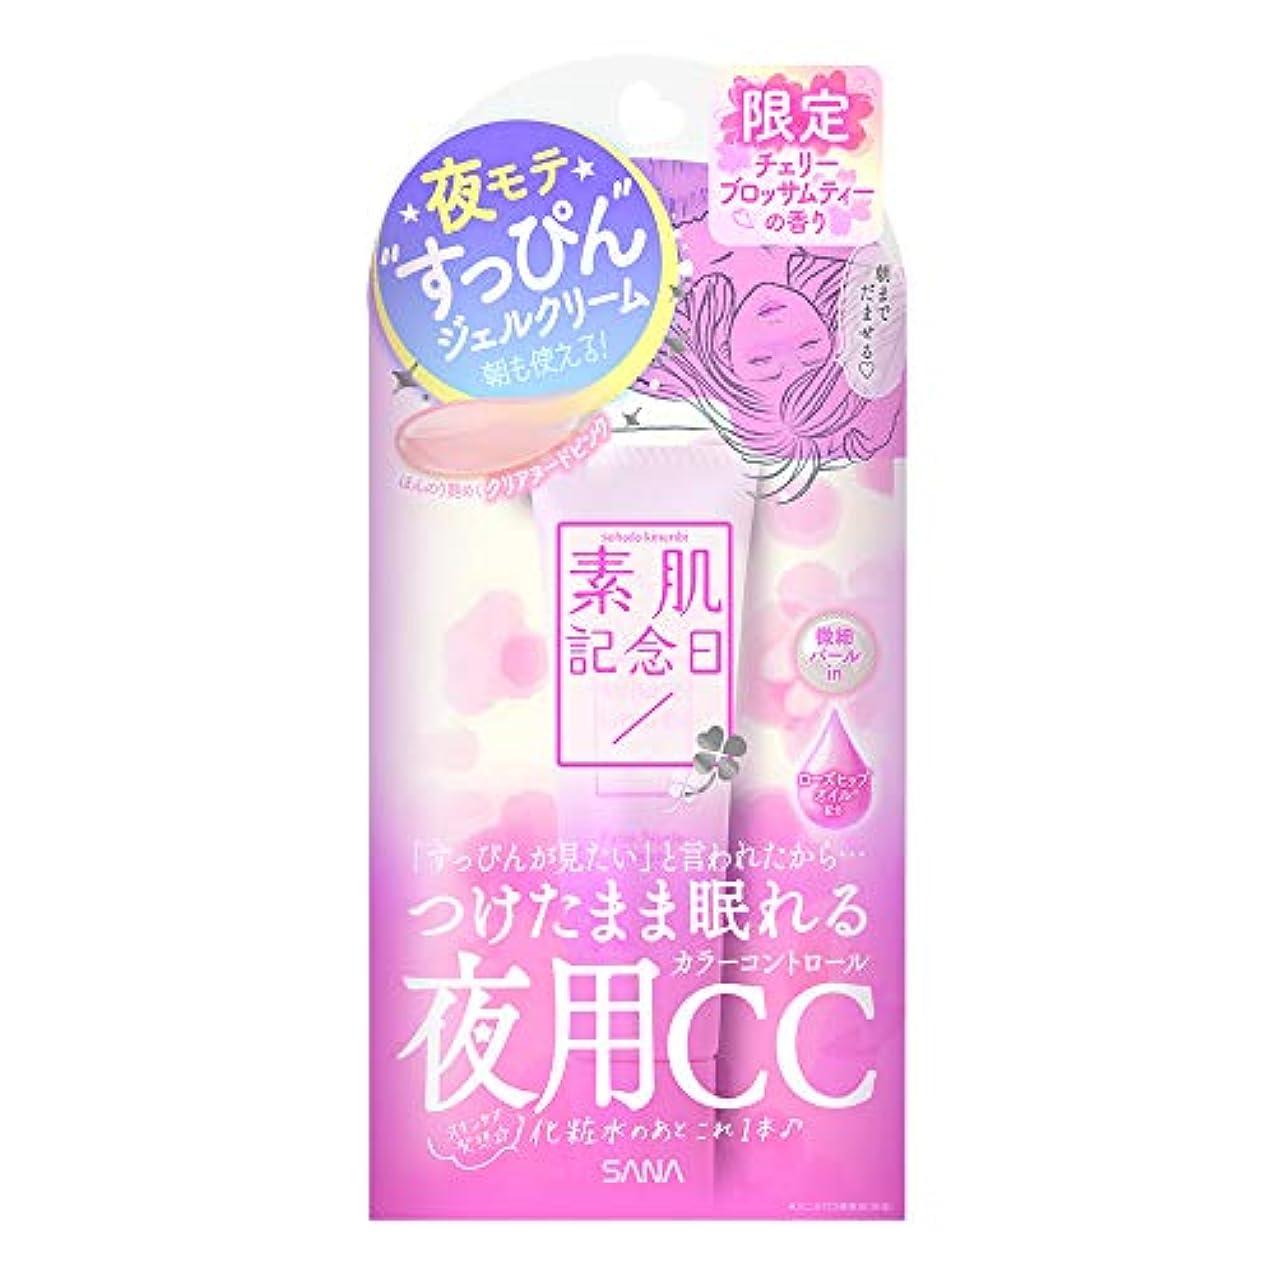 排出バランスのとれたパリティ素肌記念日 フェイクヌードクリーム ヌードピンク チェリーブロッサムティの香り 30g